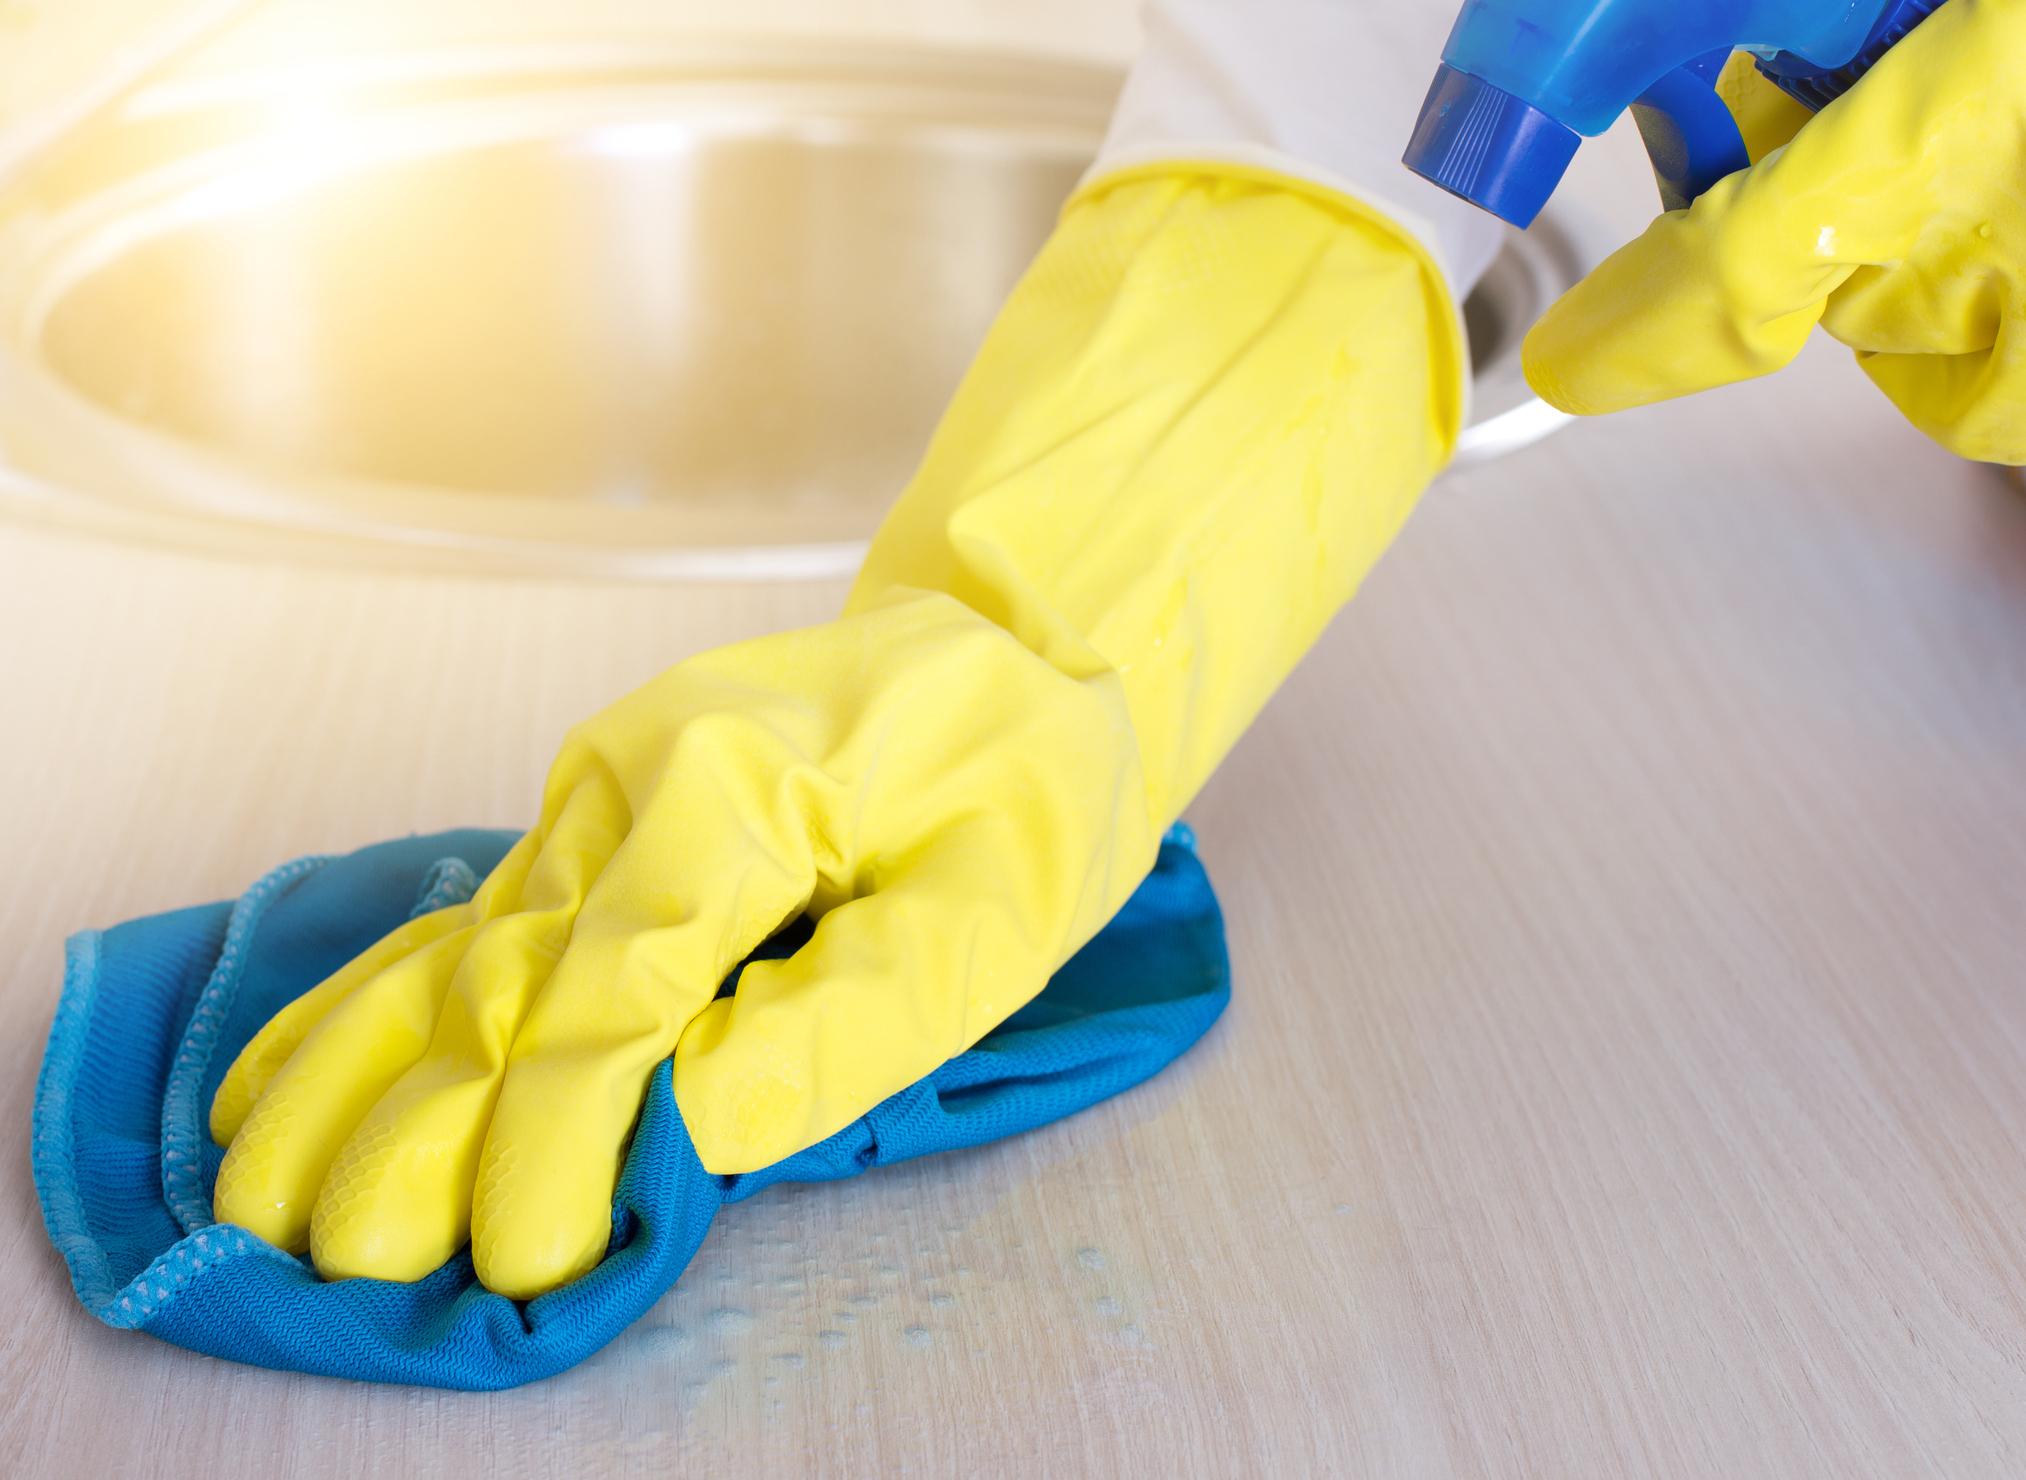 Превенцията - Винаги мийте и почиствайте дома си с ръкавици, за да защитавате кожата на ръцете си от препарати. Освен това никога не използвайте твърде гореща или твърде студена вода, защото така шокирате кожата си и тя ще се напуква, цепи, изсушава.<br />